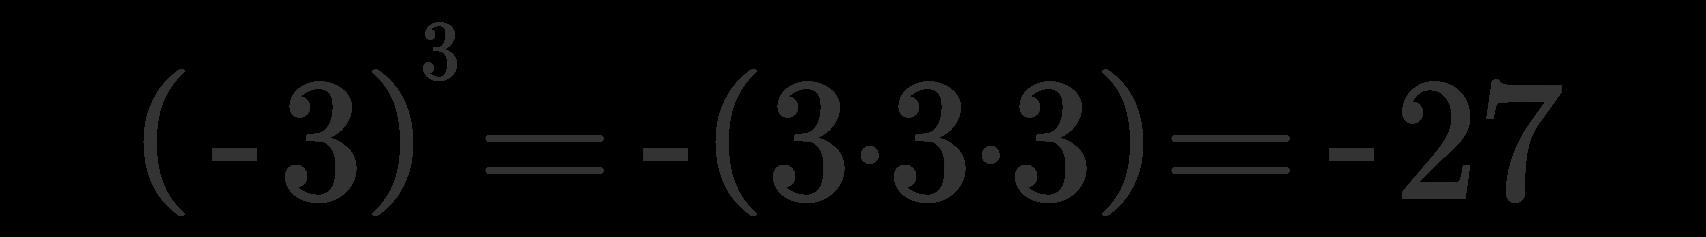 Potenza numeri relativi 3